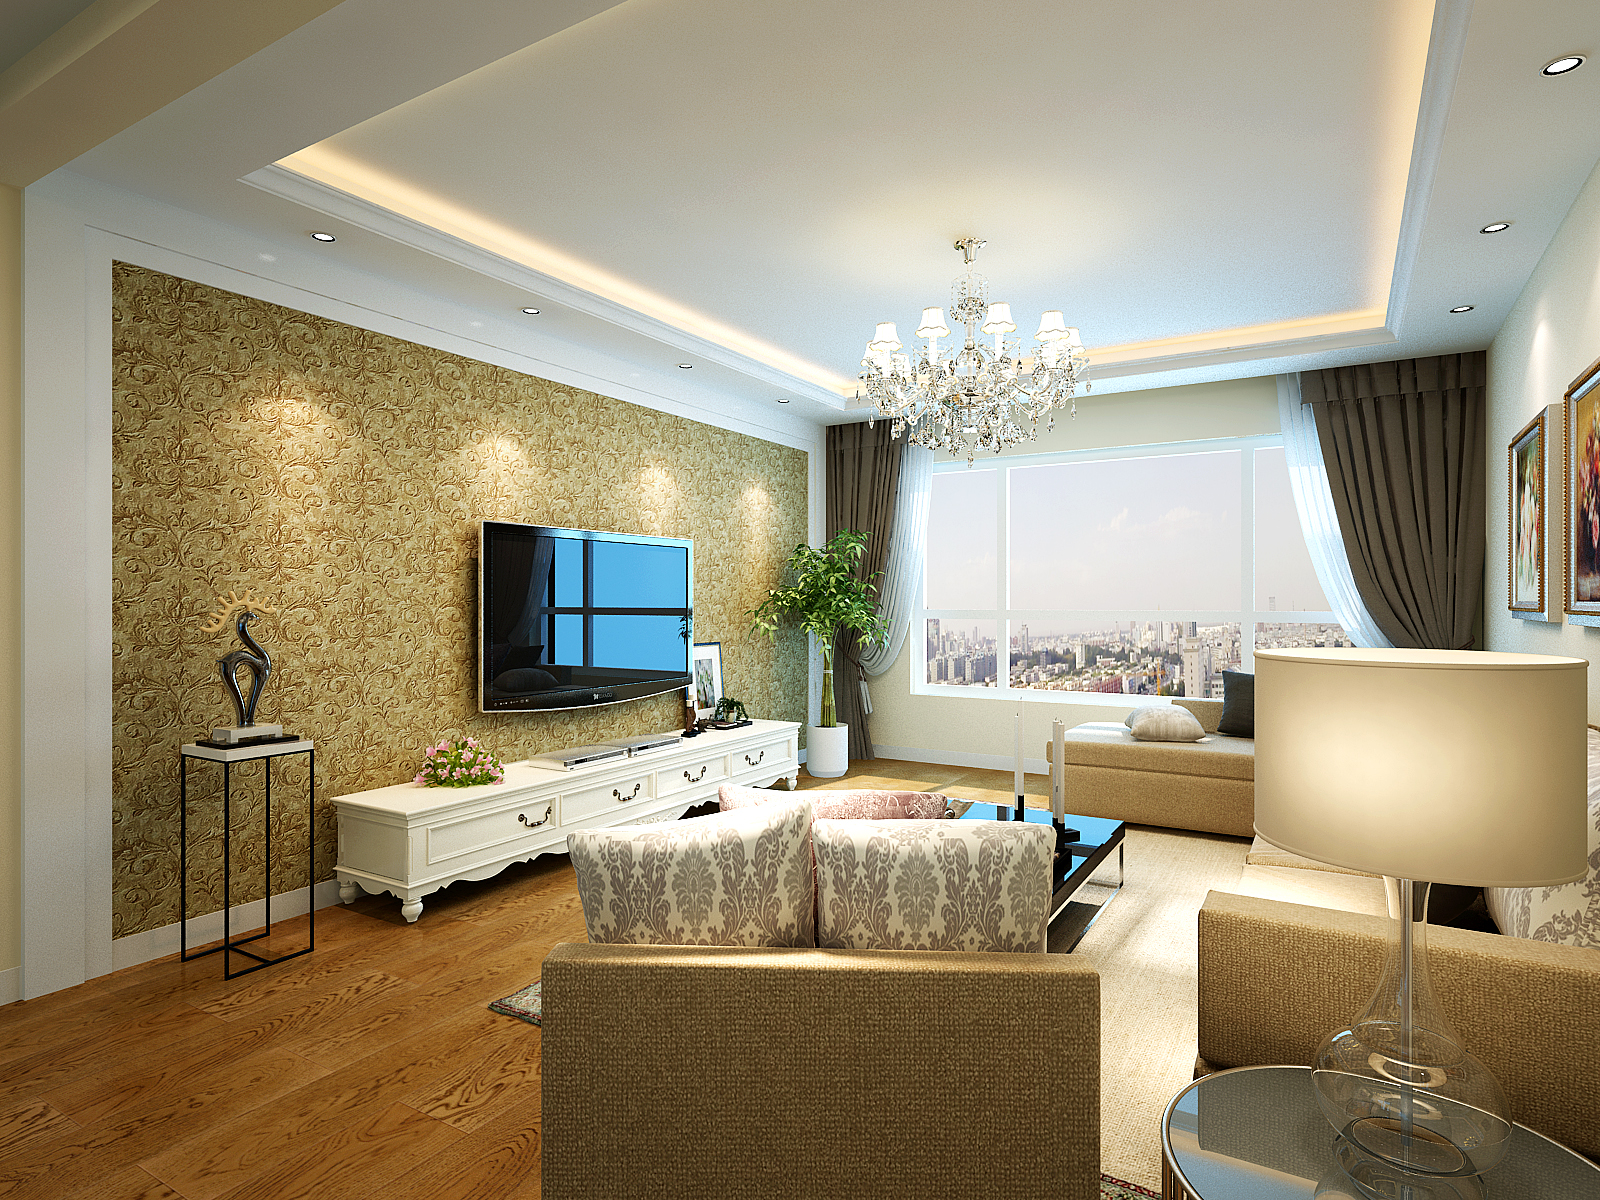 简约 三居 80后 白领 客厅图片来自装饰装修-18818806853在海珠湖景峰简清新简约风格的分享